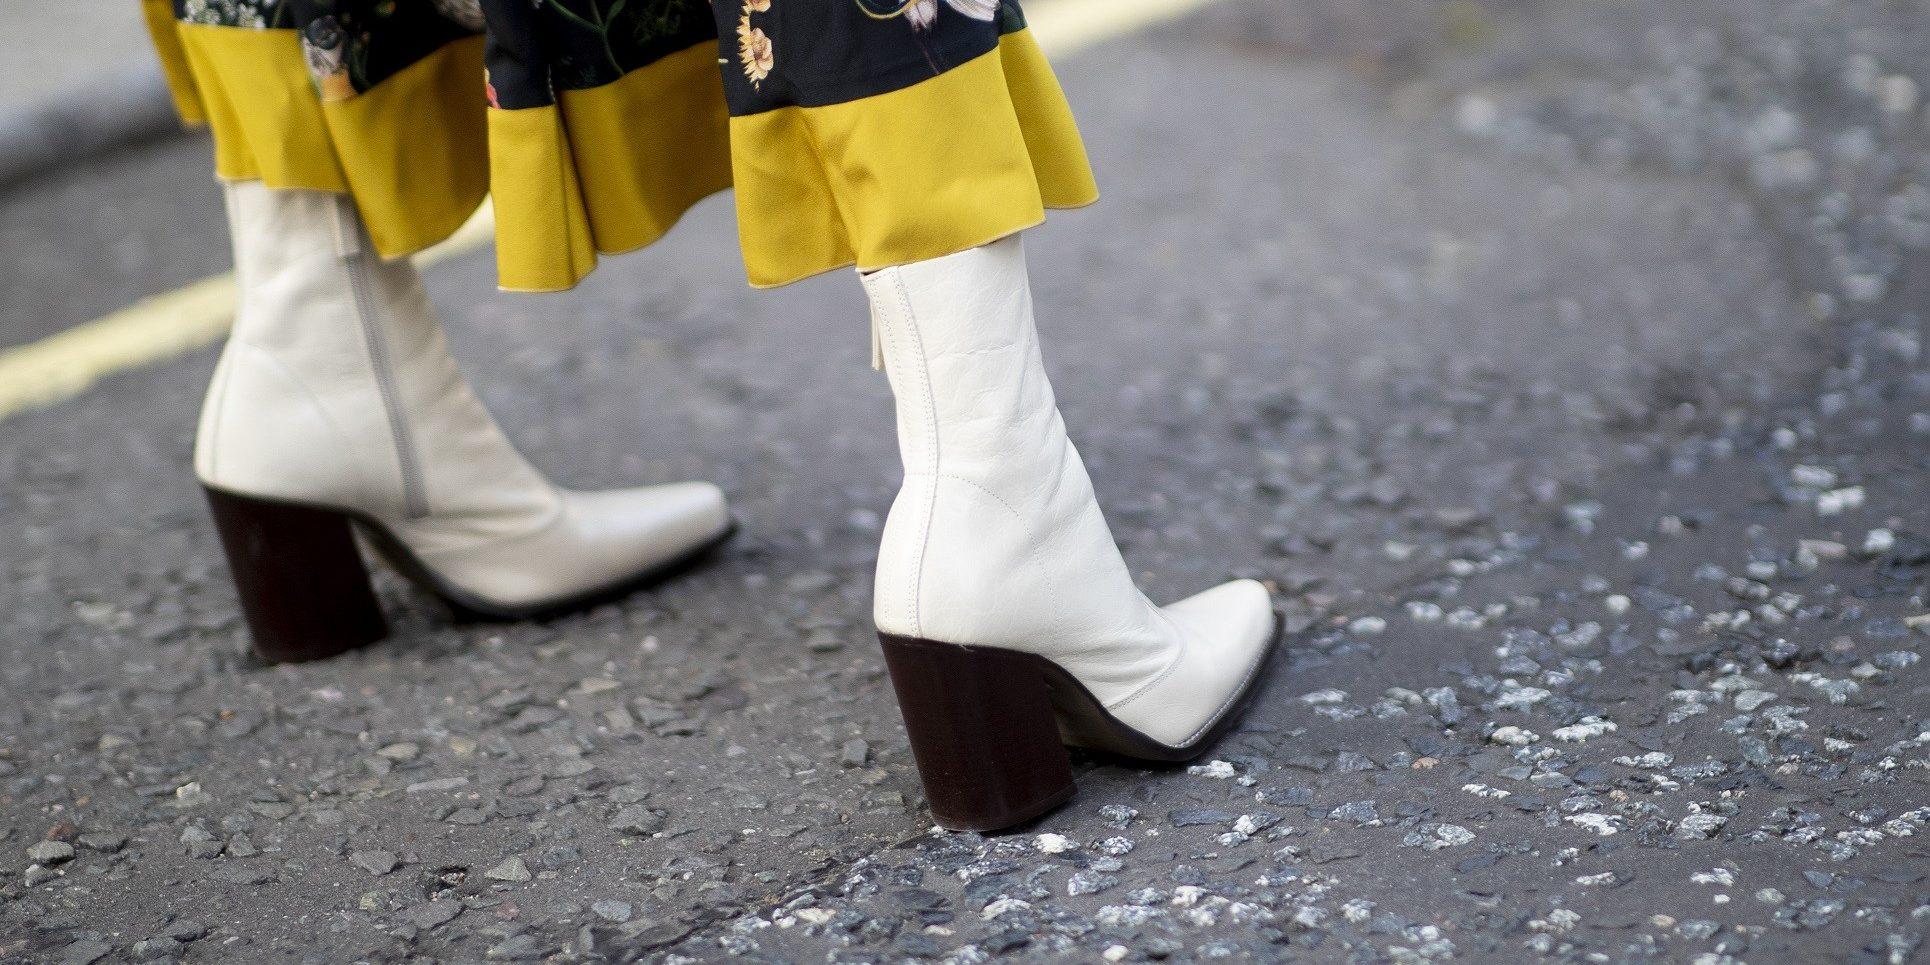 Εσύ θα φορέσεις λευκές μπότες φέτος; Να φορέσεις!